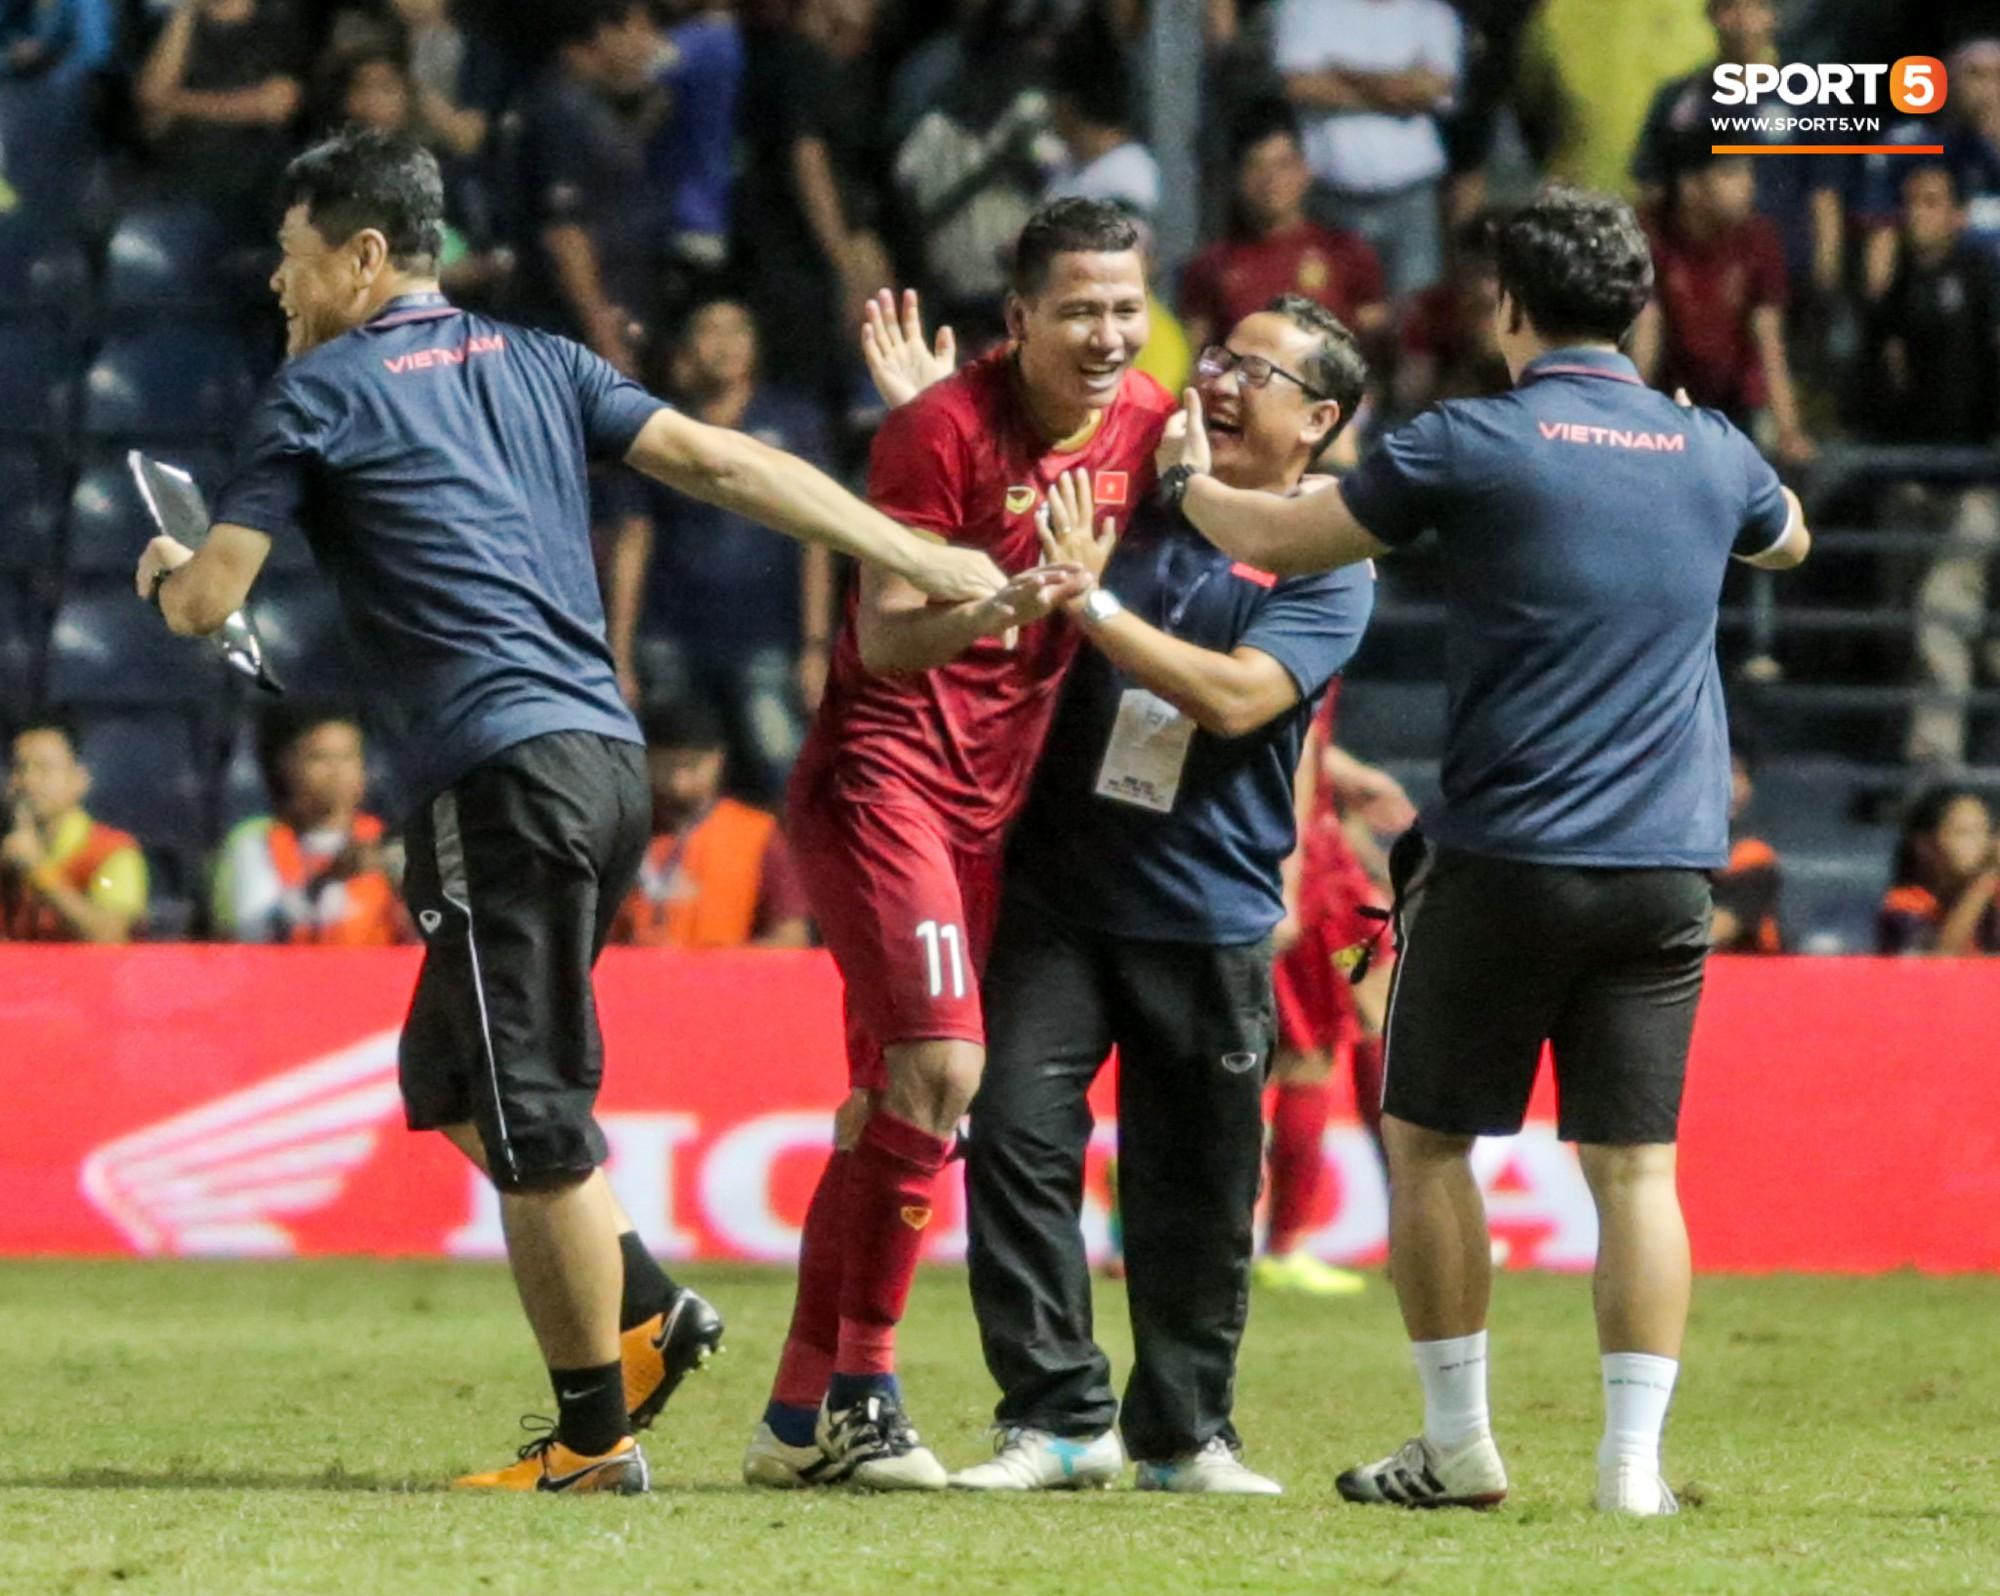 Hài hước: Tiền vệ tuyển Việt Nam bị trọng tài xin lại bụng bầu sau màn ăn mừng kinh điển - Ảnh 10.